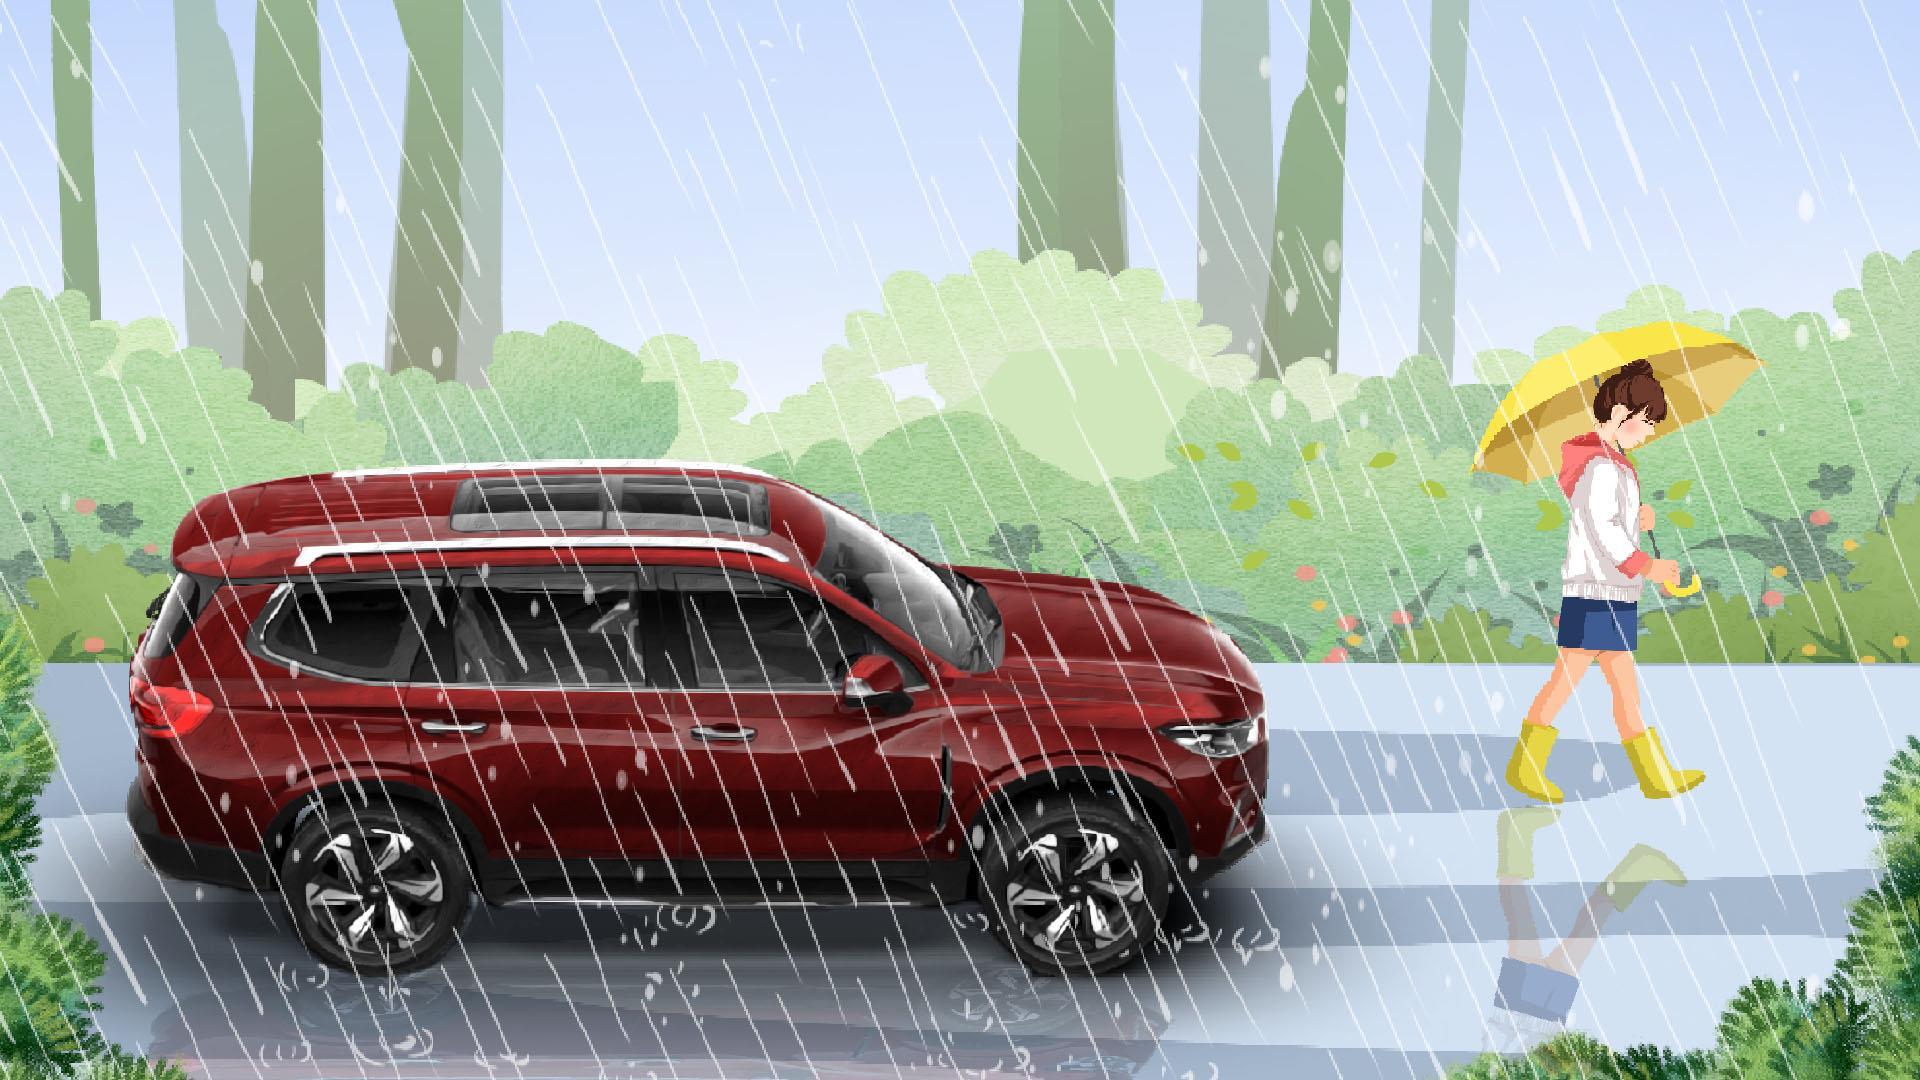 史上最全雨季行车宝典,新老司机都要注意!